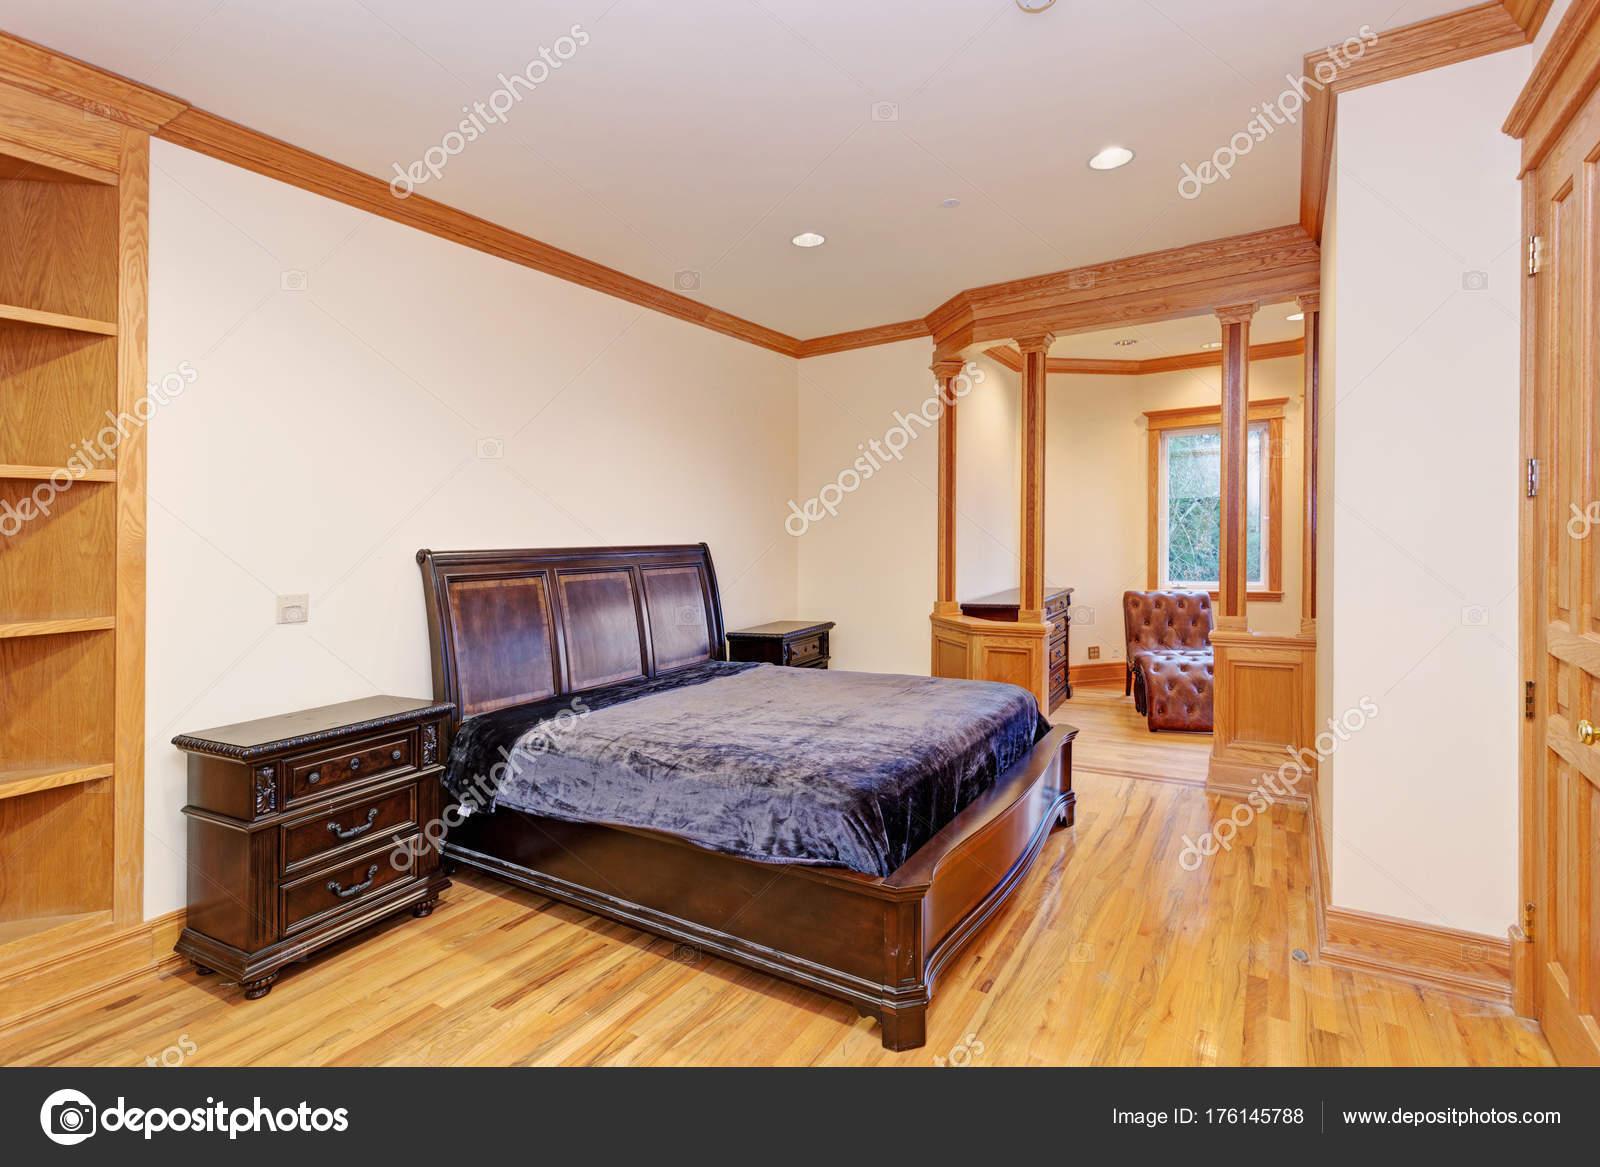 Camera Da Letto Legno Chiaro : Accogliente camera da letto mansion con un pavimento in legno